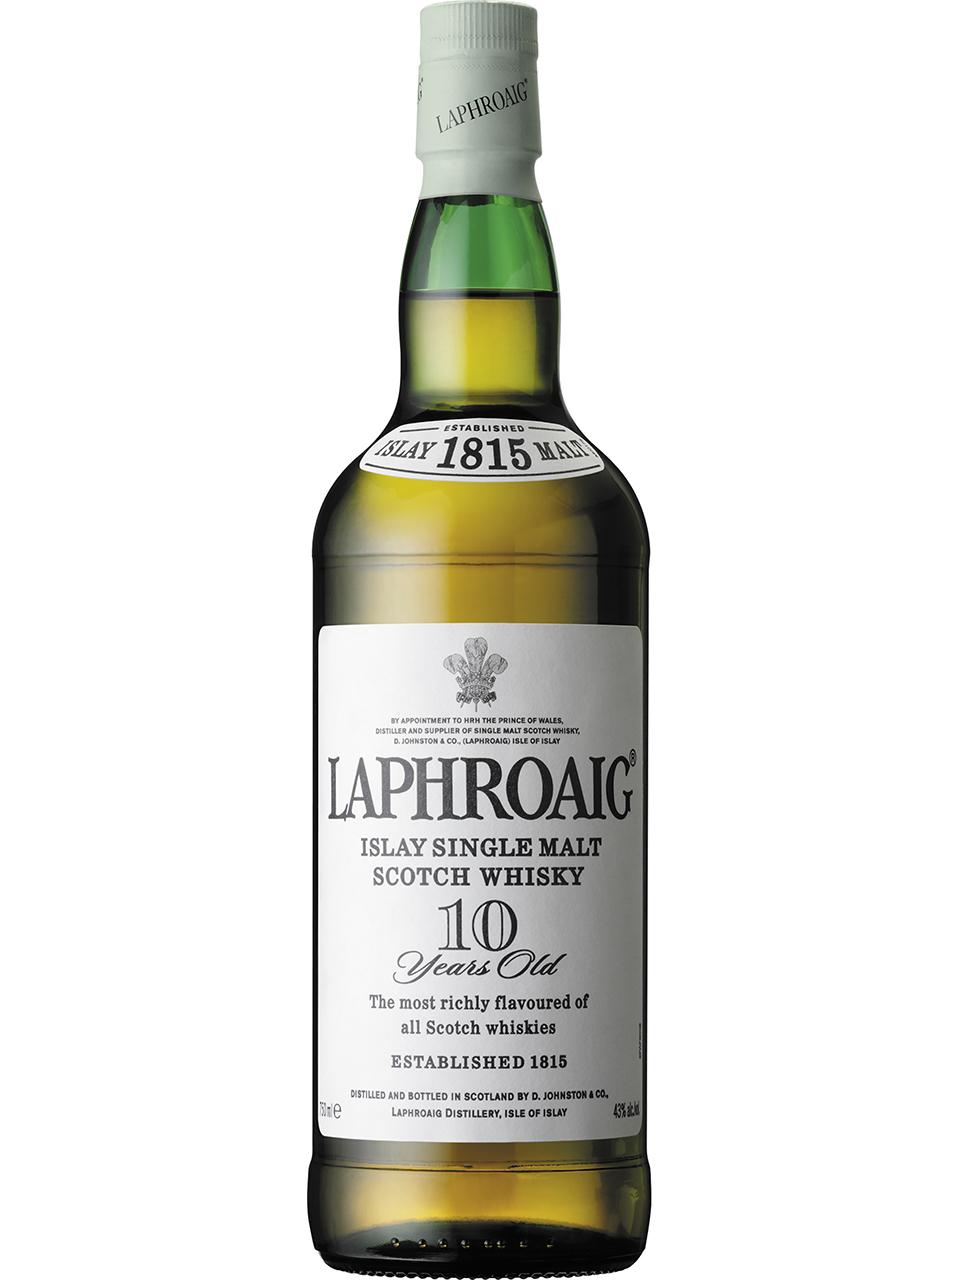 Laphroaig 10 Year Old Scotch Whisky